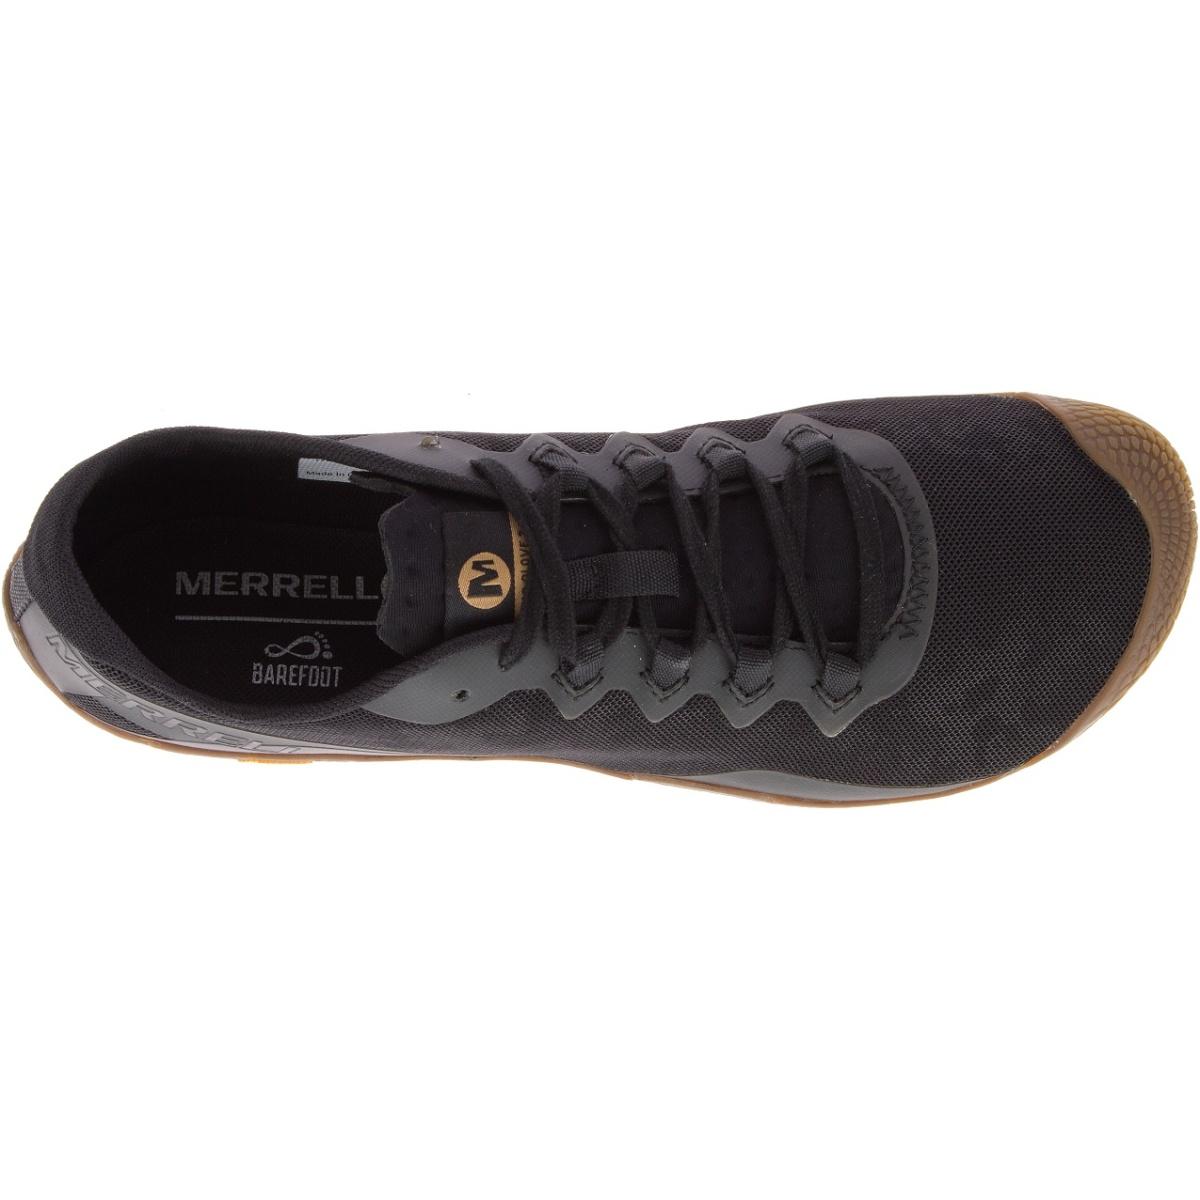 Merrell Vapor Glove 3 Luna 2018 schwarz Outdoorschuhe Herren